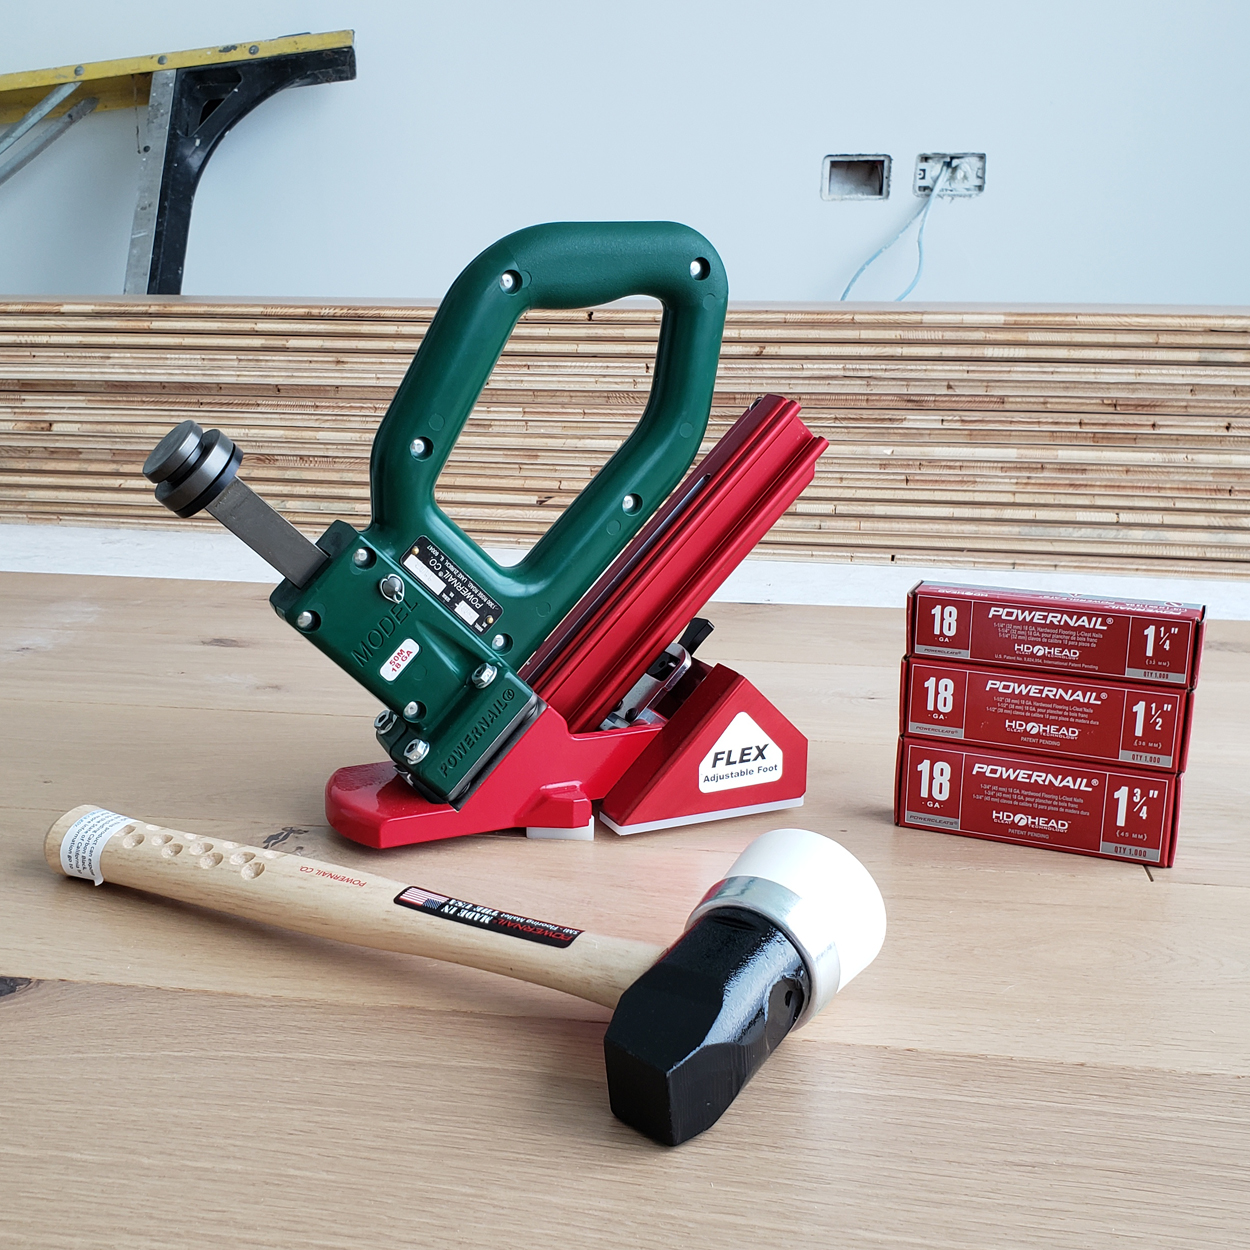 Powernail Model 50M FLEX Manual Flooring Nailer